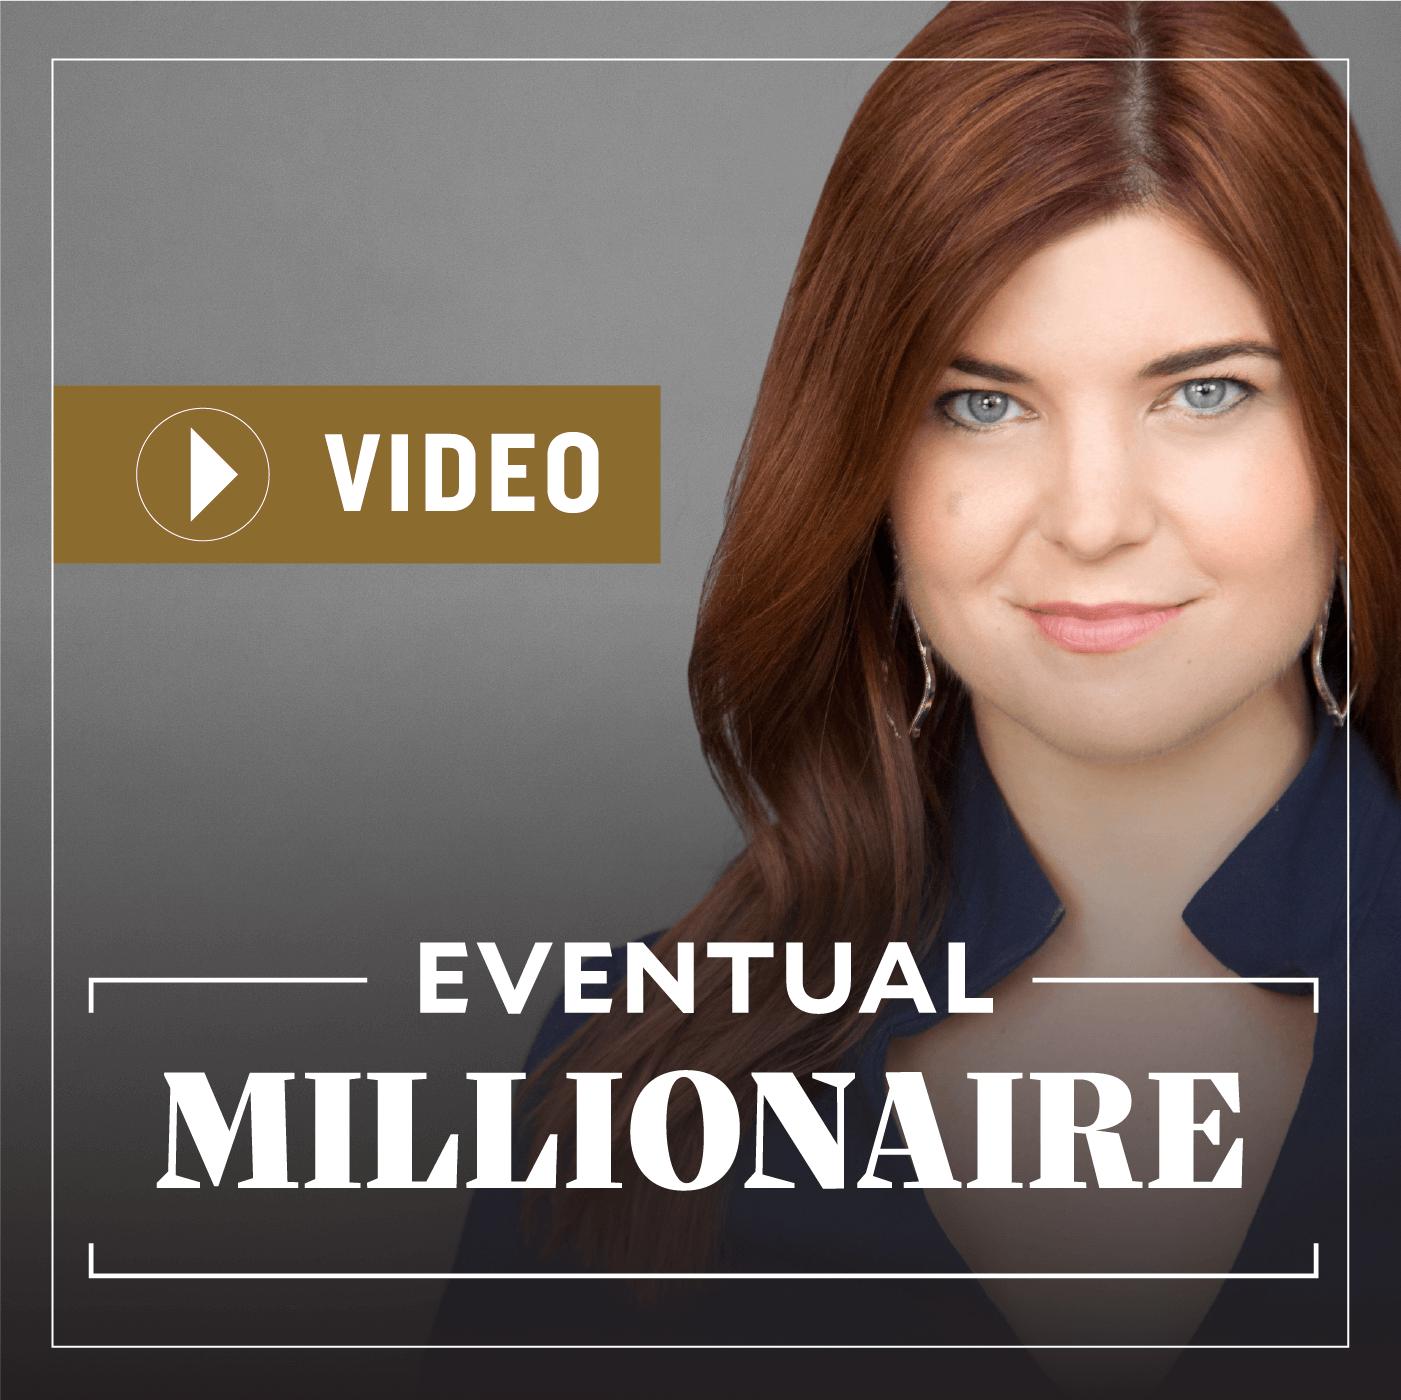 Eventual Millionaire - Millionaire Video Case Studies show art